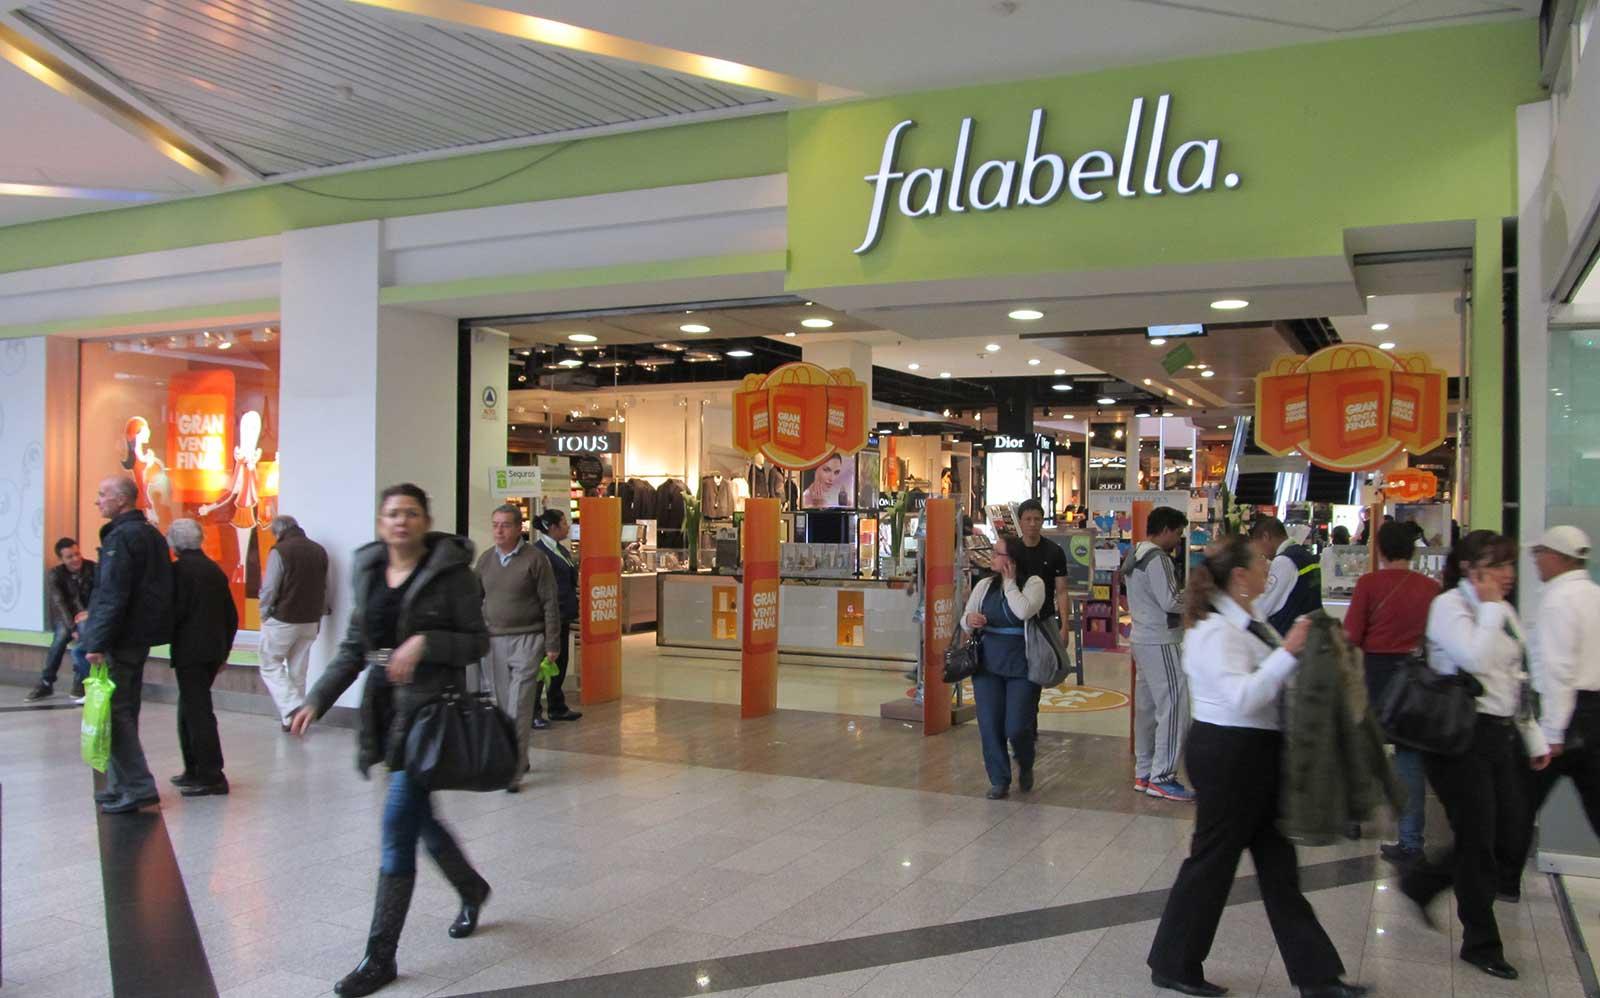 falabella digitalización